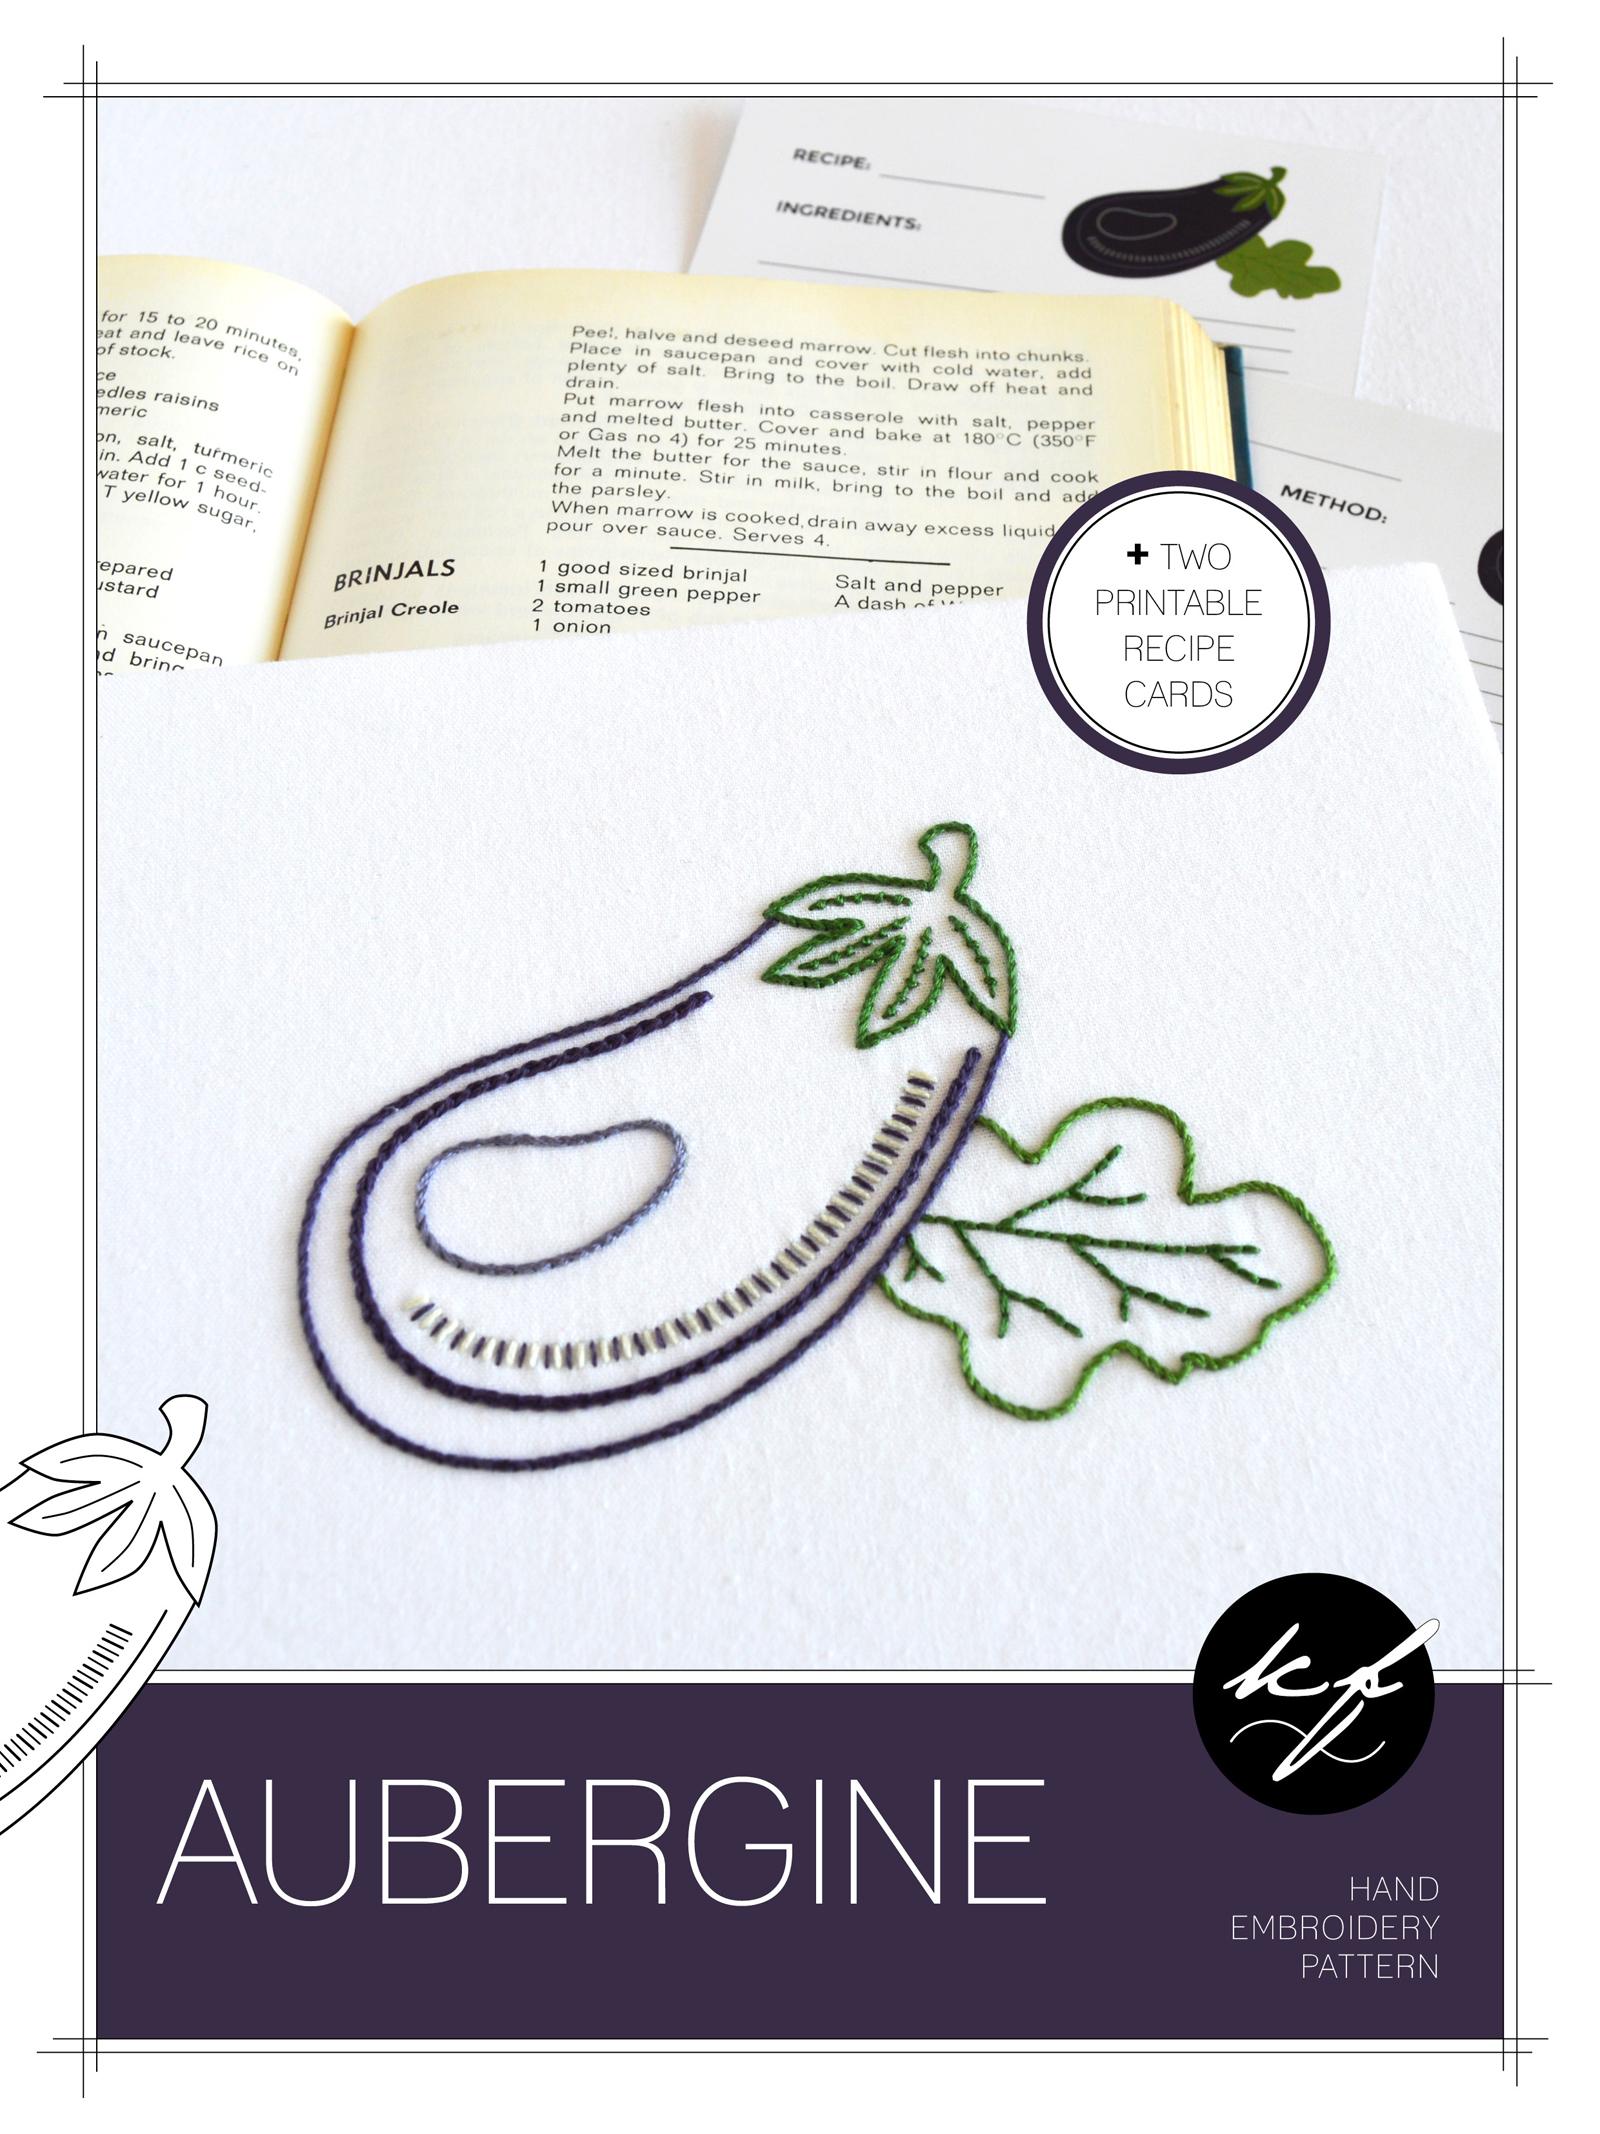 AubergineEmbroideryPattern_KellyFletcher.jpg